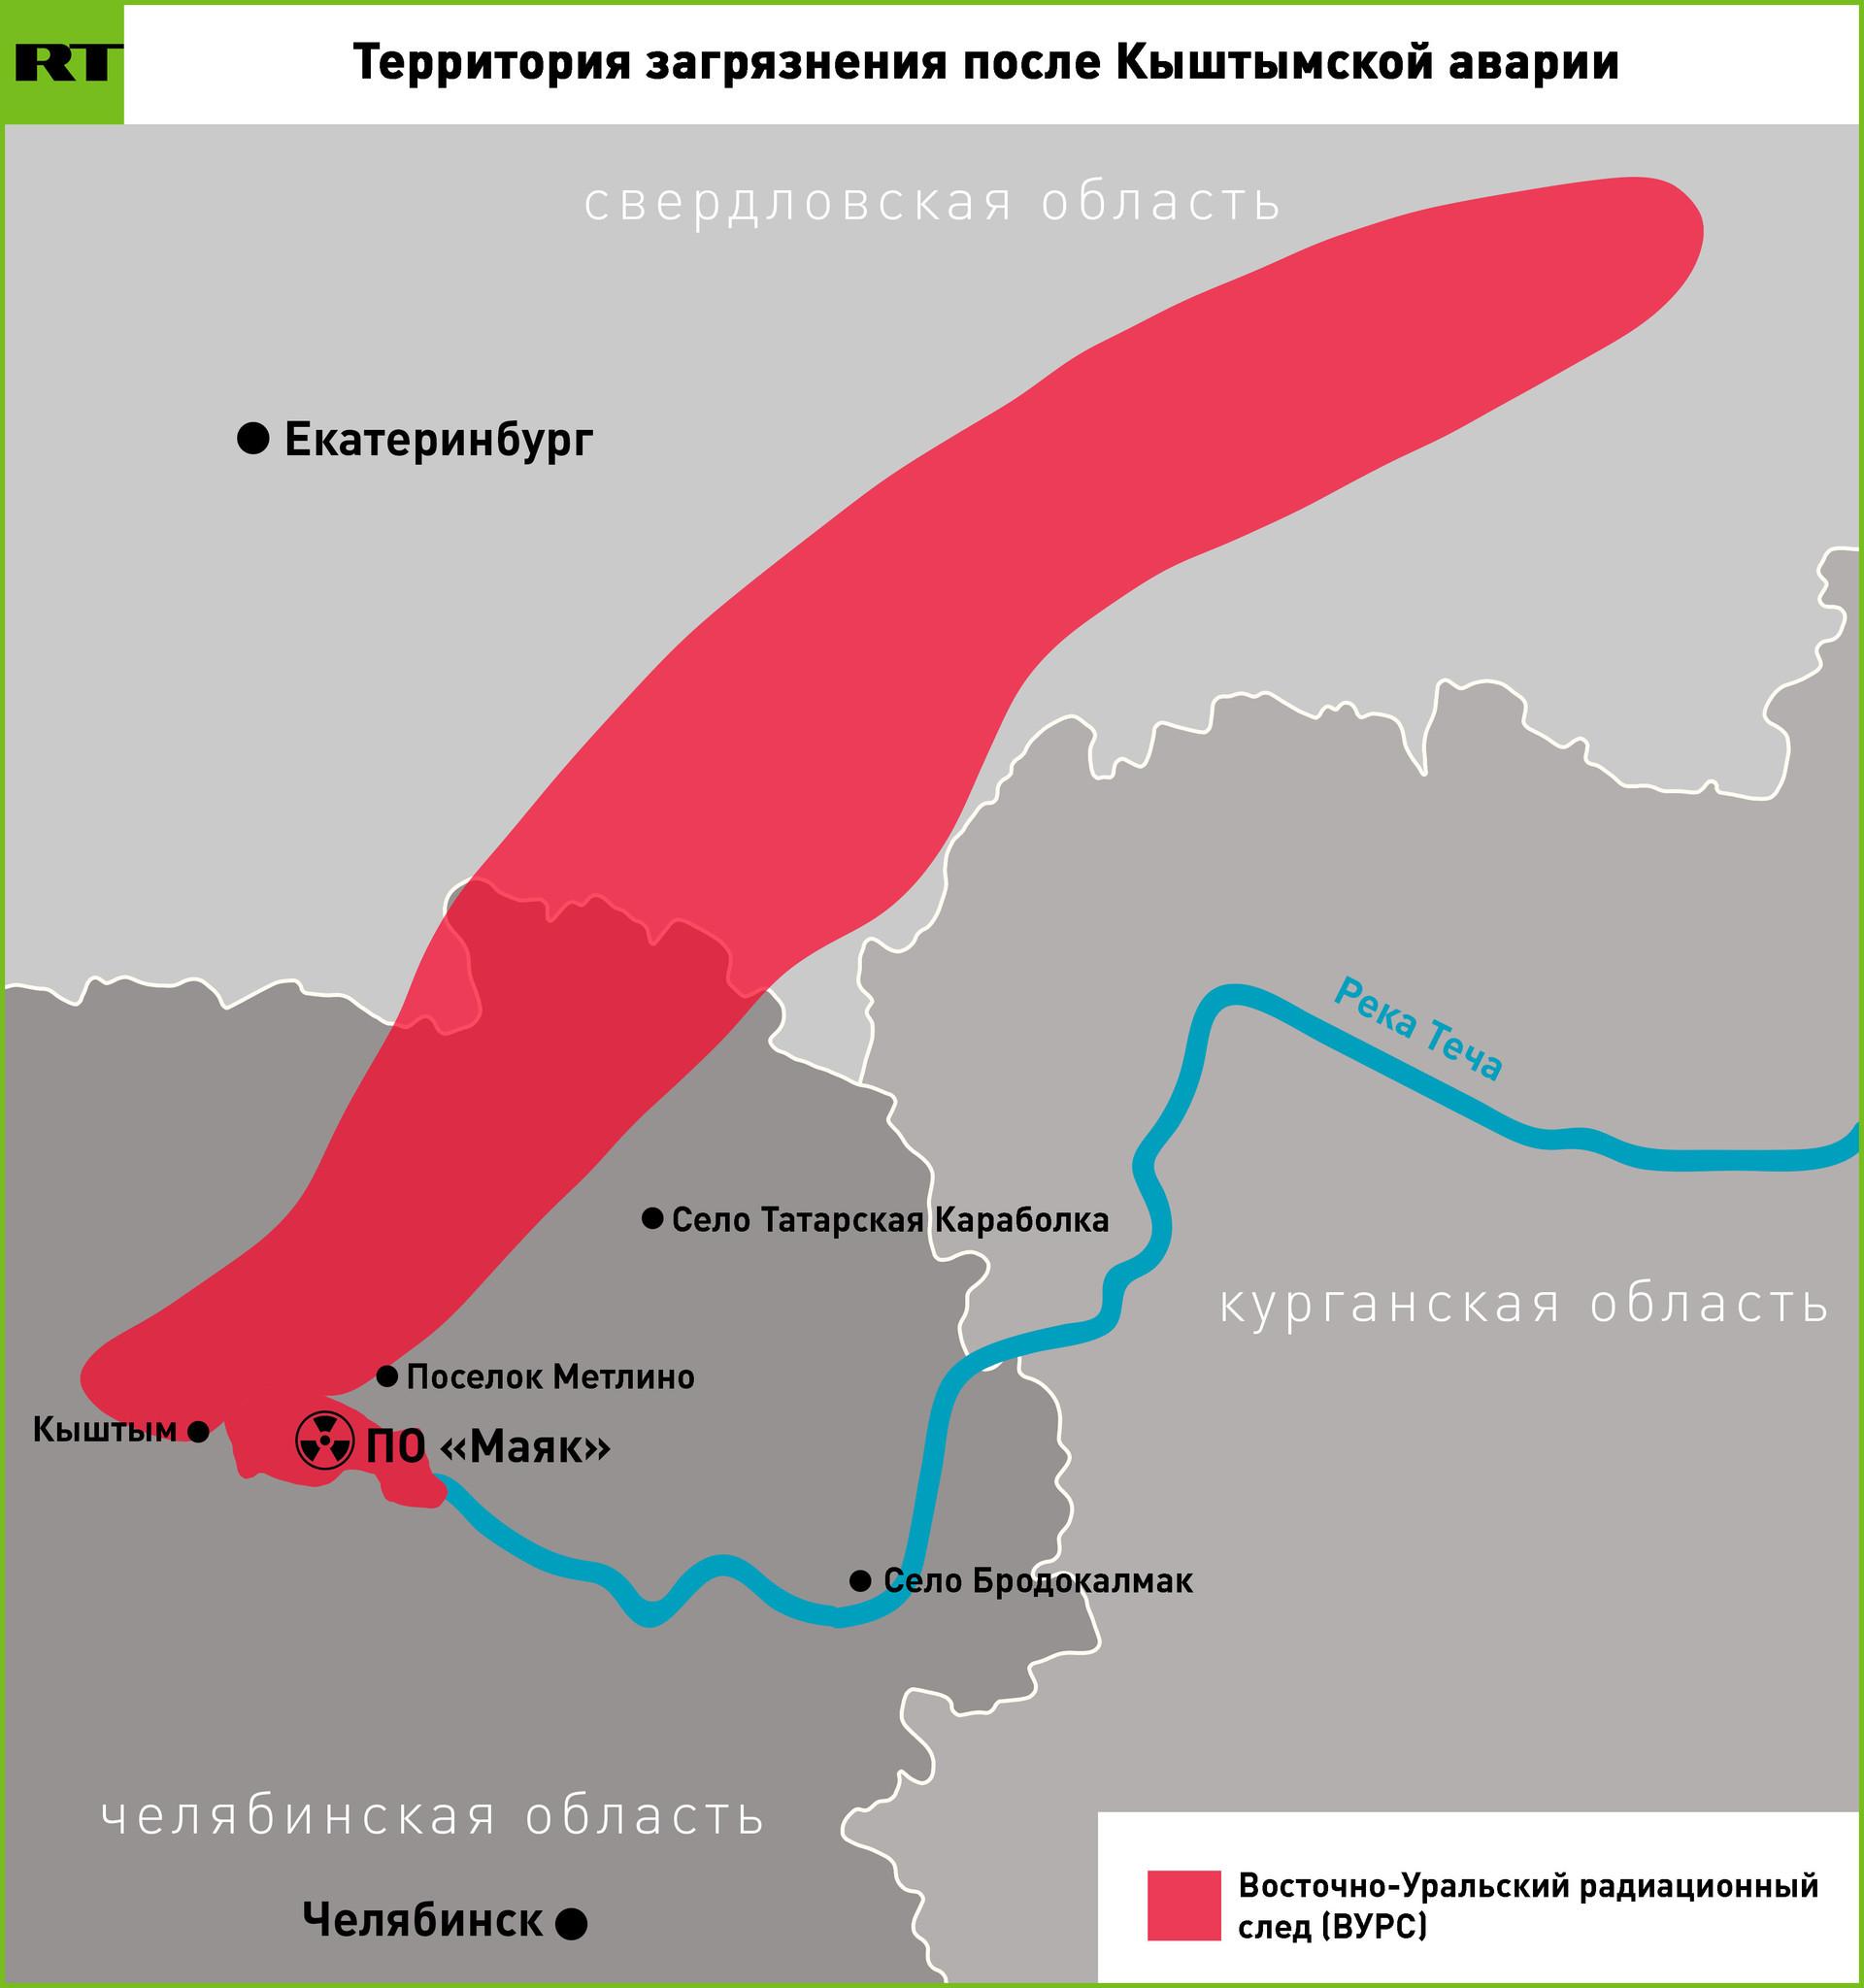 •Территория загрязнения в результате кыштымской аварии 1957 года